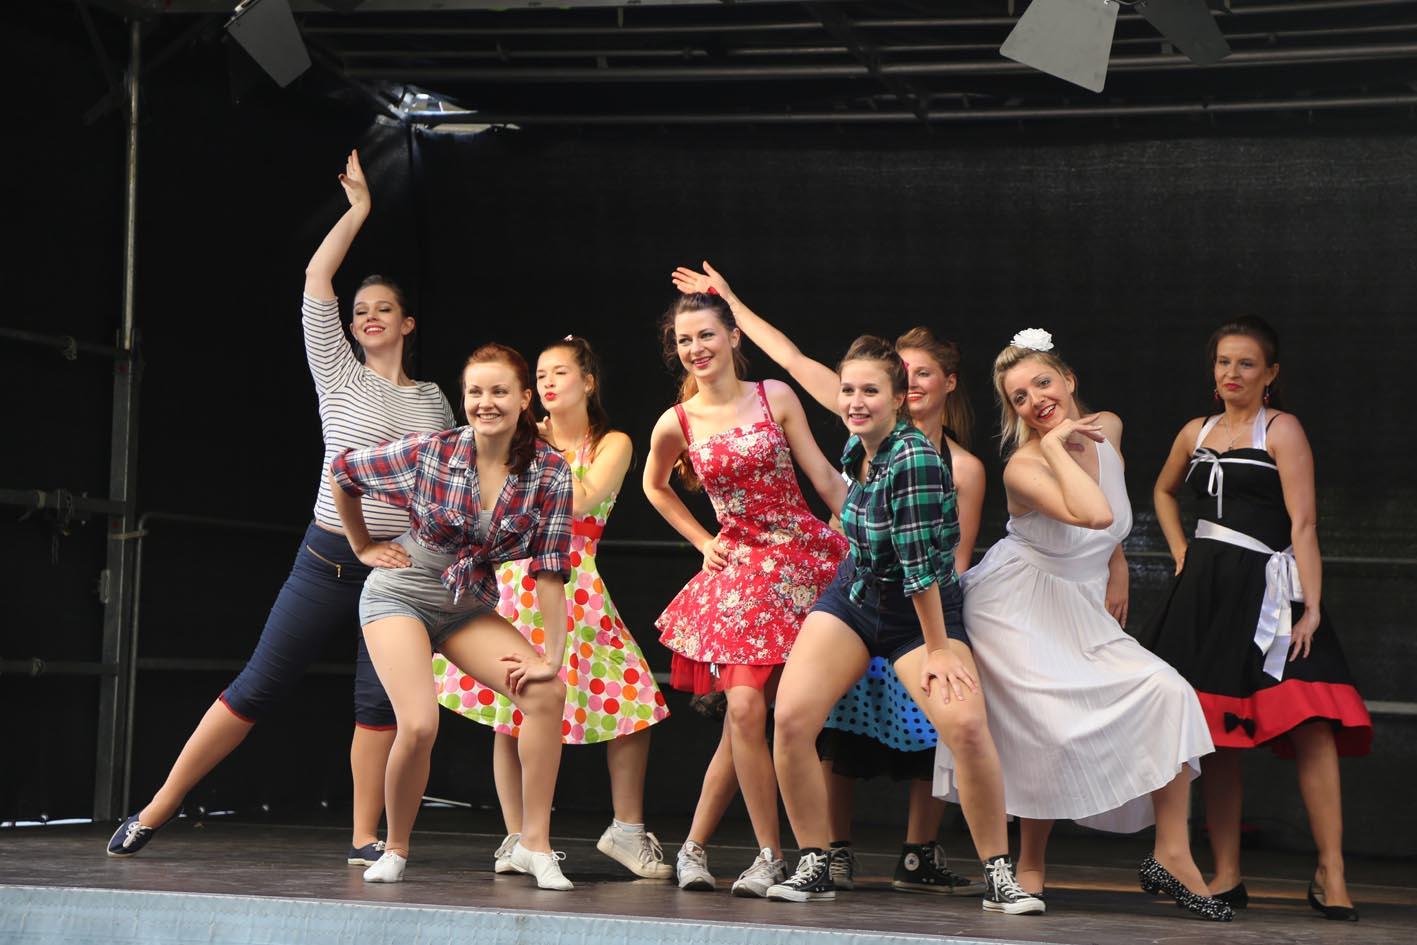 Tanzshow Corinna Runge